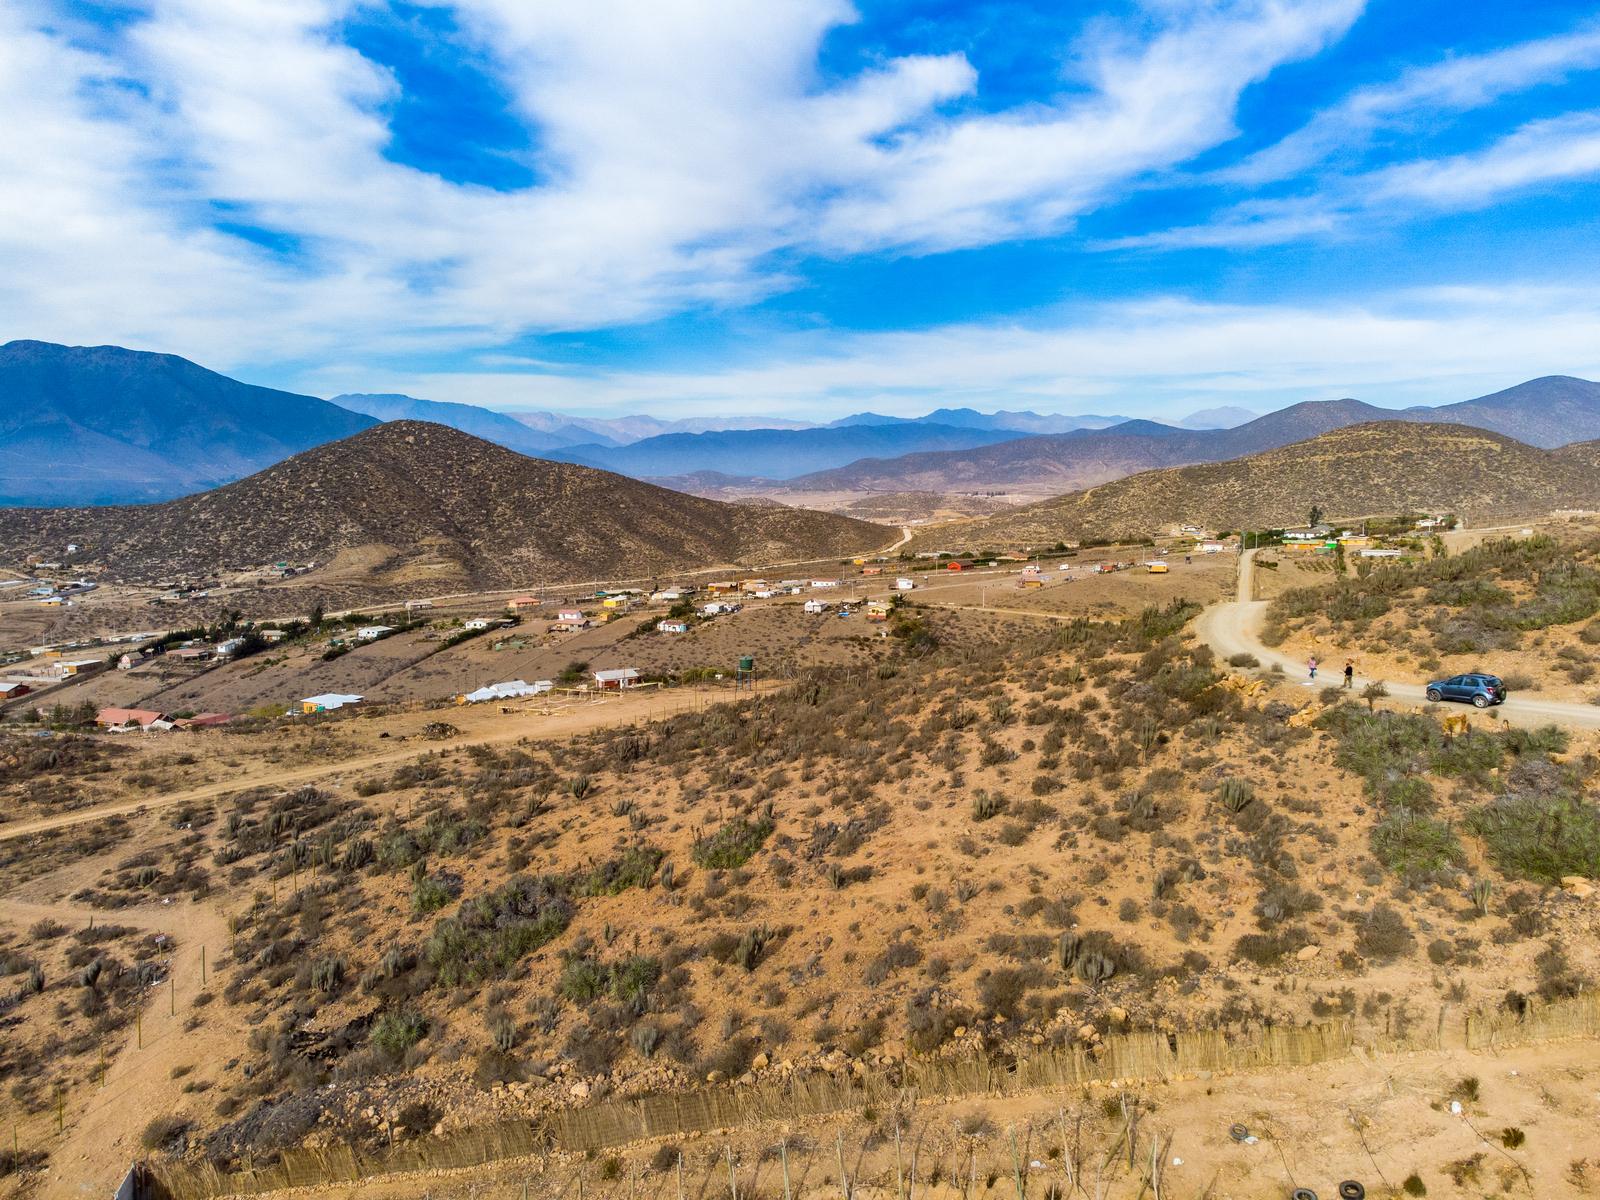 Parcela de 1.2 hectáreas en sector Quilacán, La Serena. $60 millones